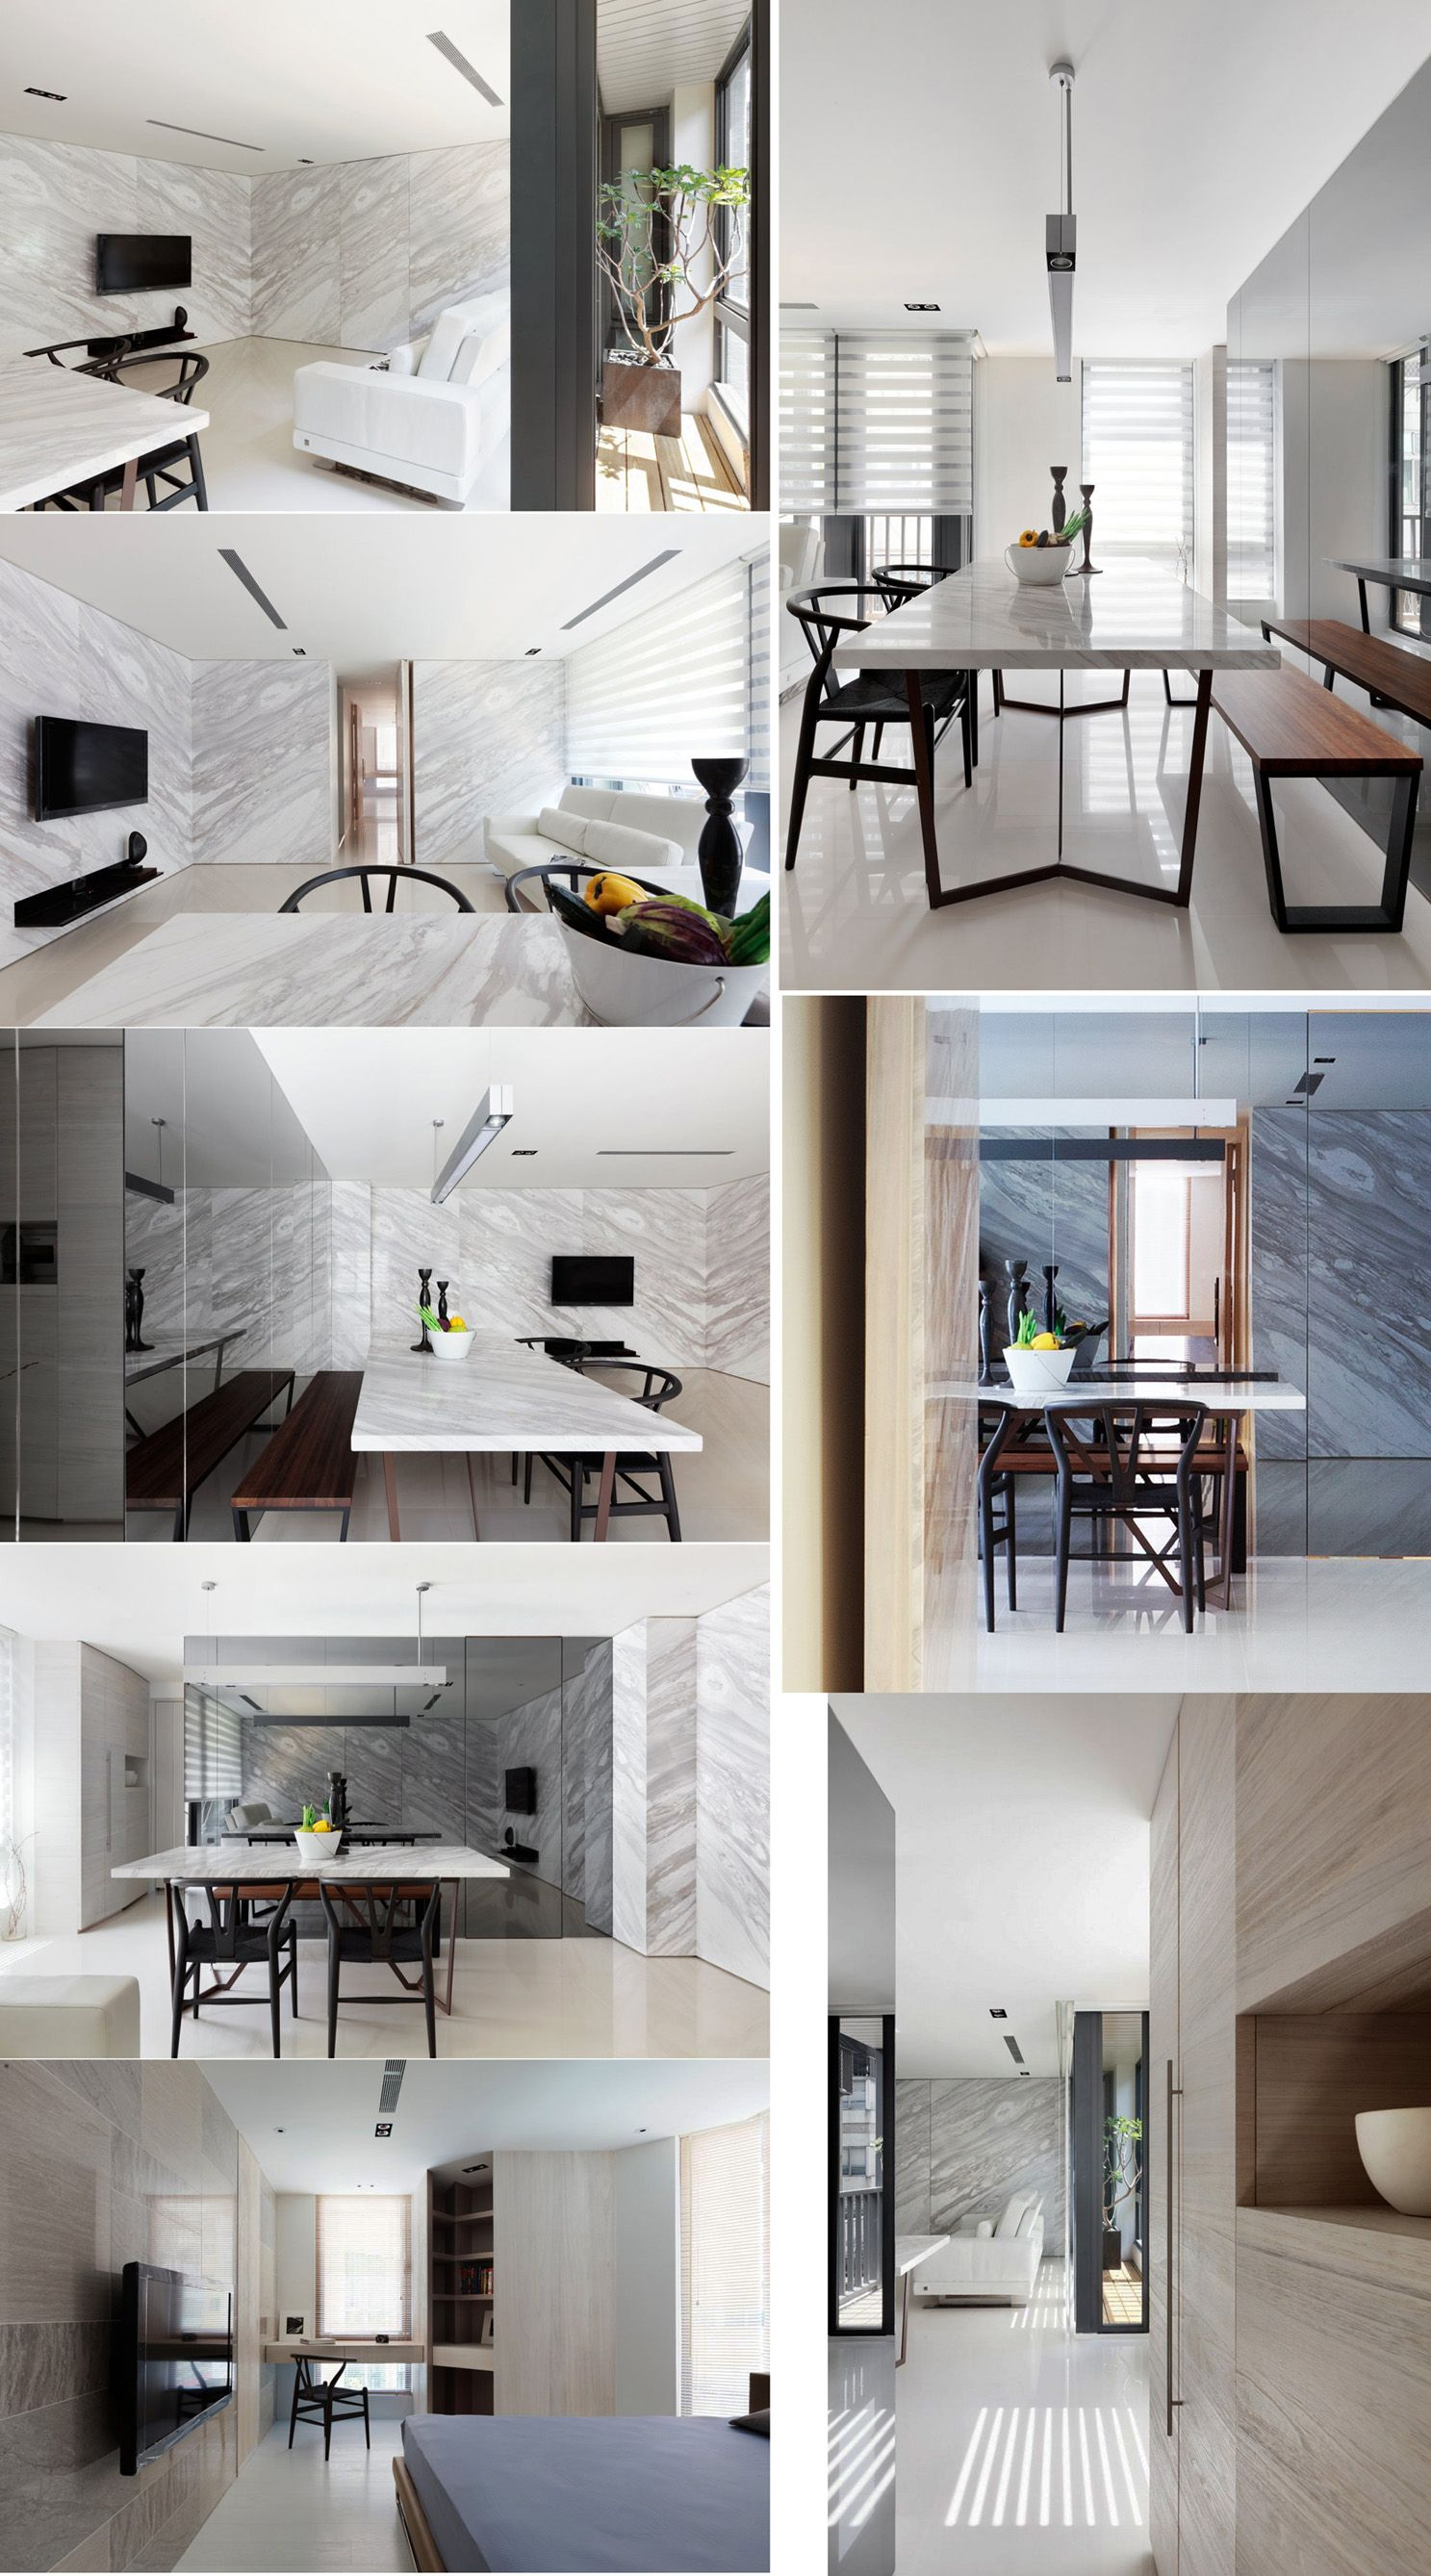 Design Haus Residence Song Von Atelierii | Möbelideen